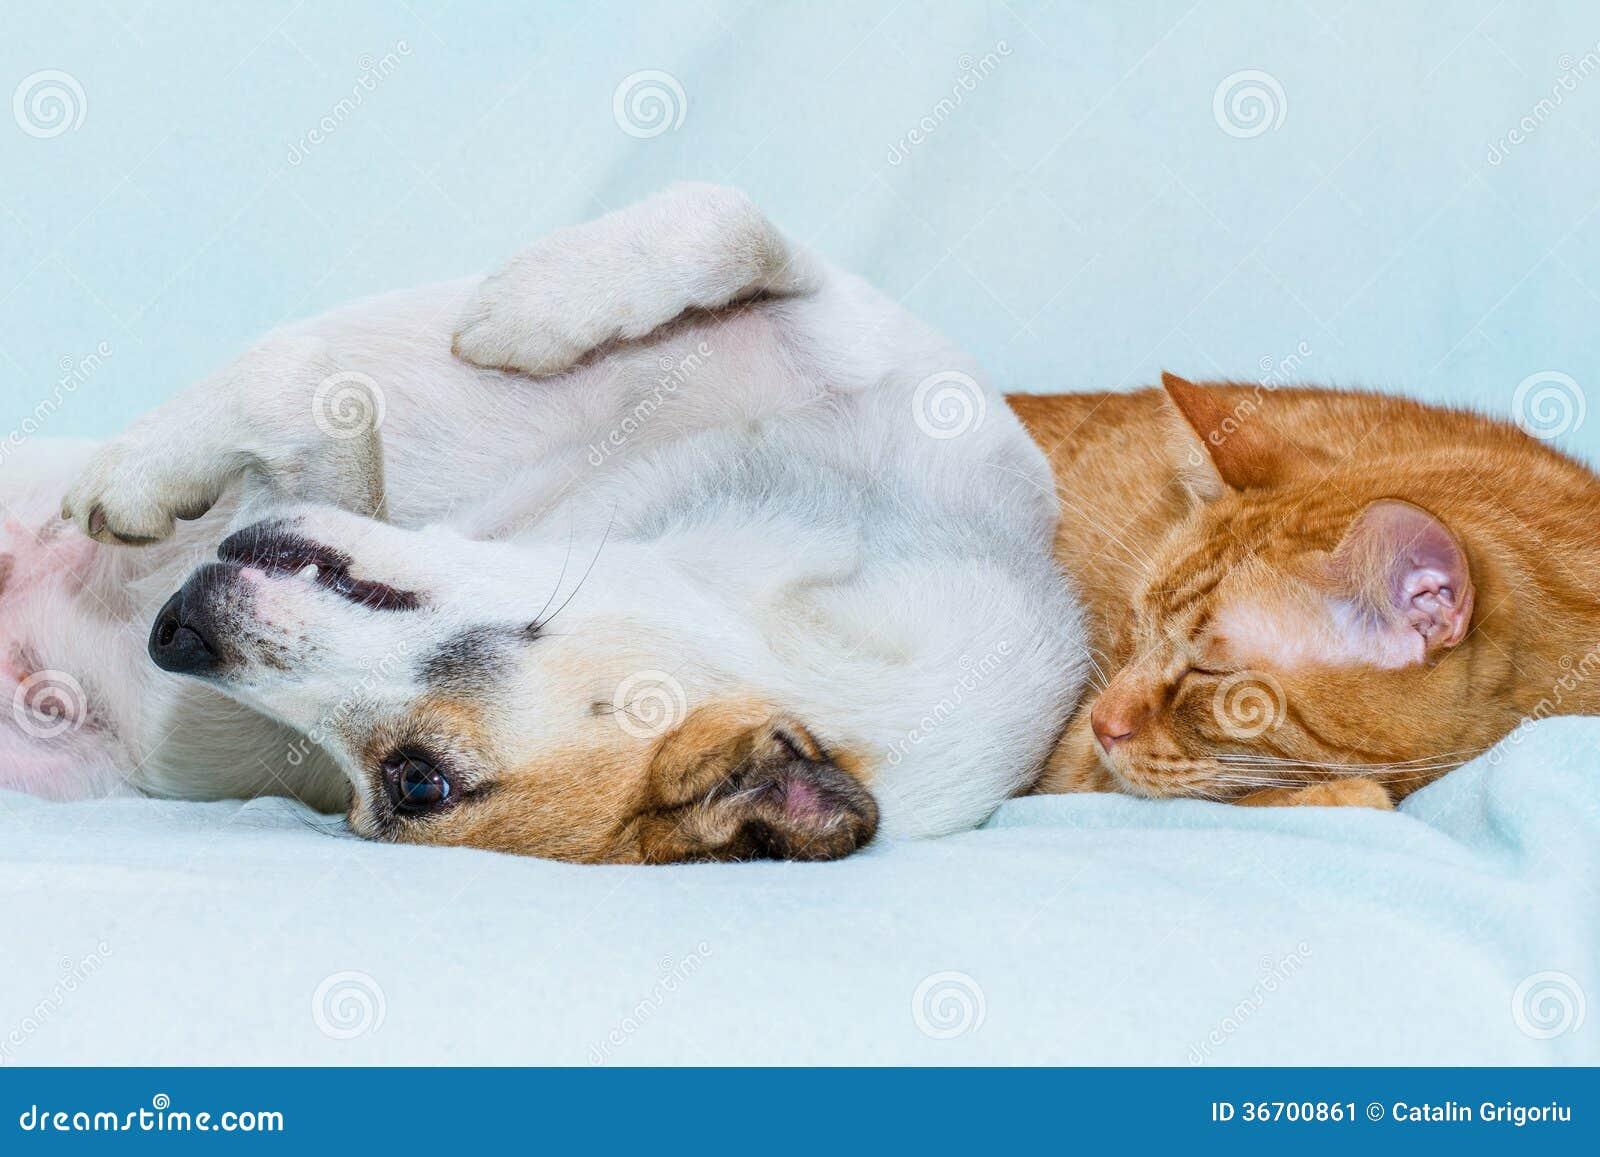 katze und hund die auf dem sofa schlafen stockbild bild 36700861. Black Bedroom Furniture Sets. Home Design Ideas